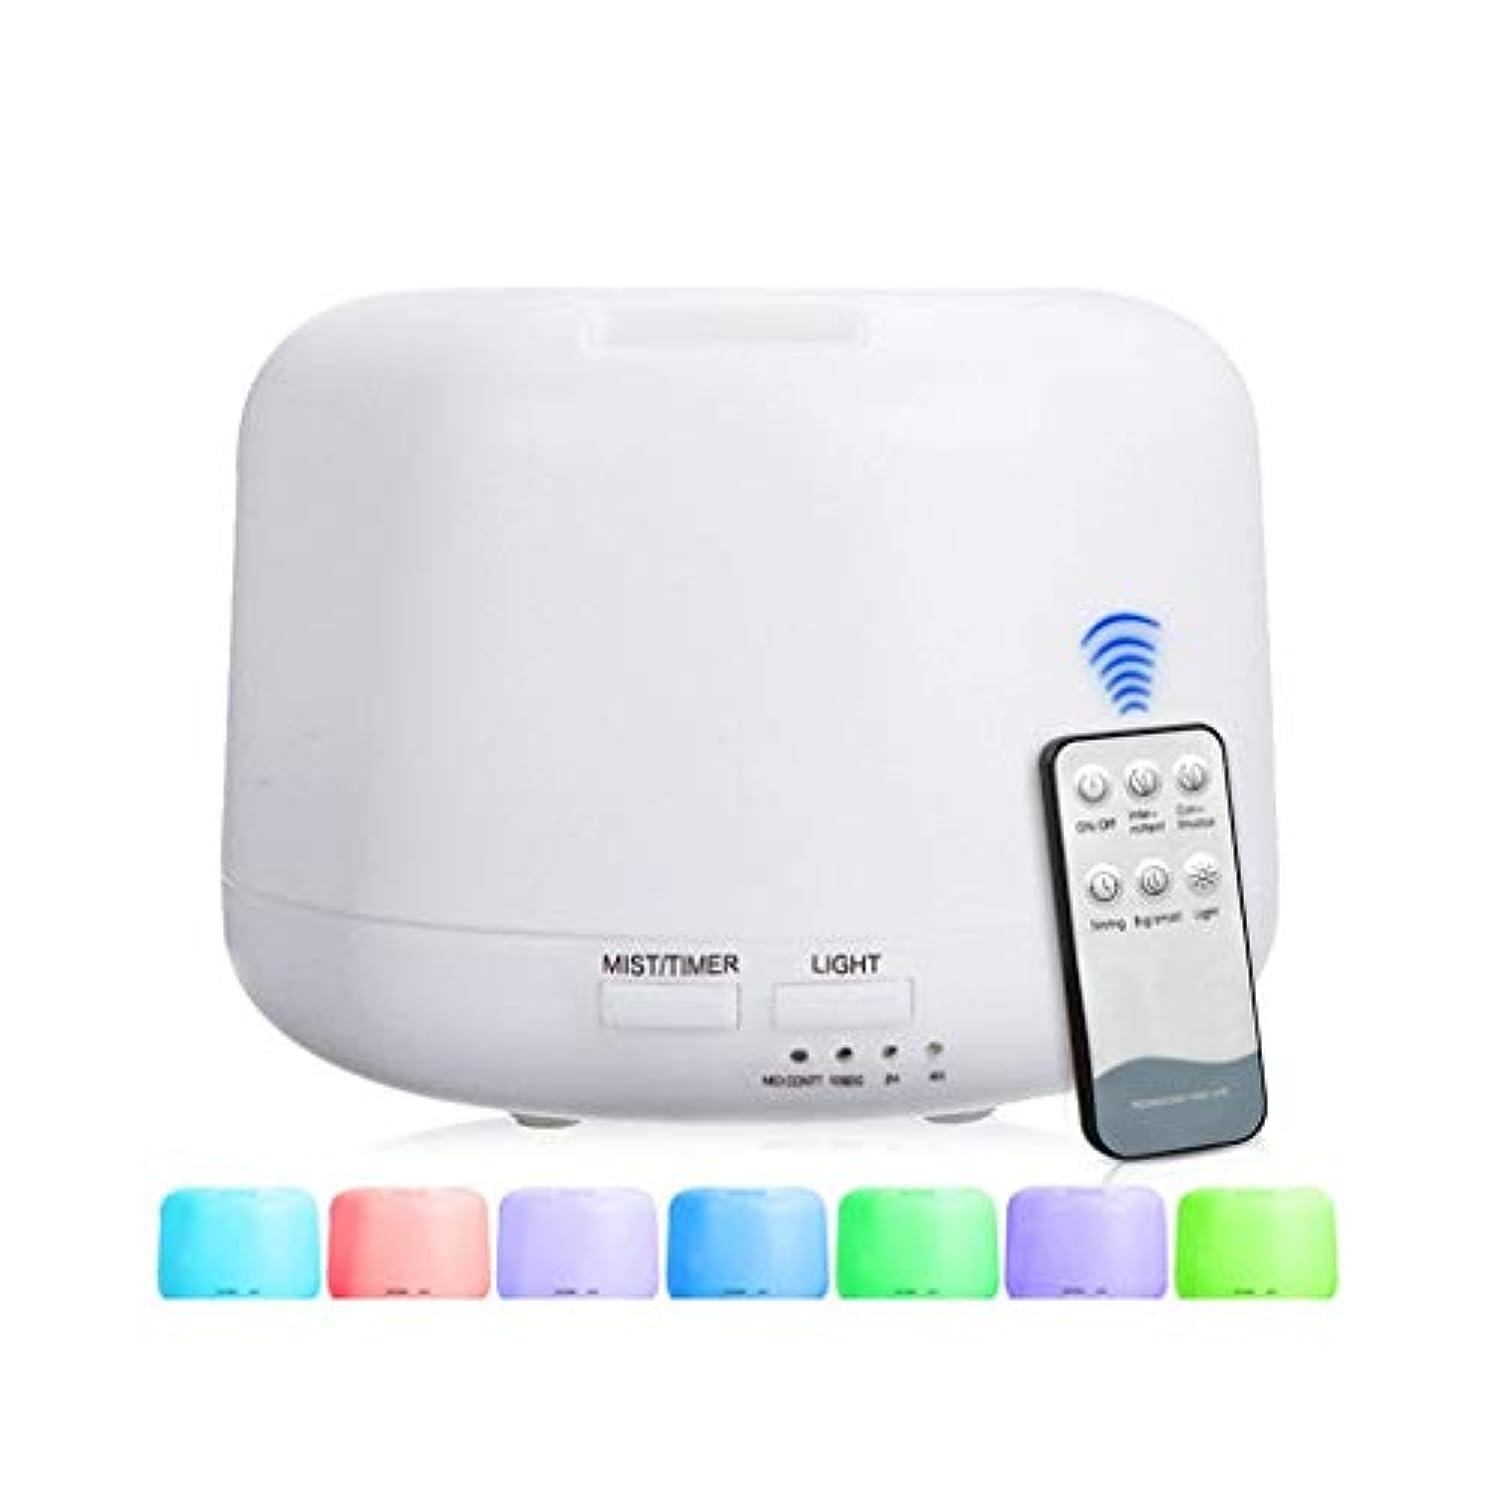 ラッドヤードキップリング開梱船形300 Mlアドバンストディフューザー、超音波蒸発器加湿器、タイマーおよび自動遮断安全スイッチ、7 LEDライトカラー (Color : Warm white)